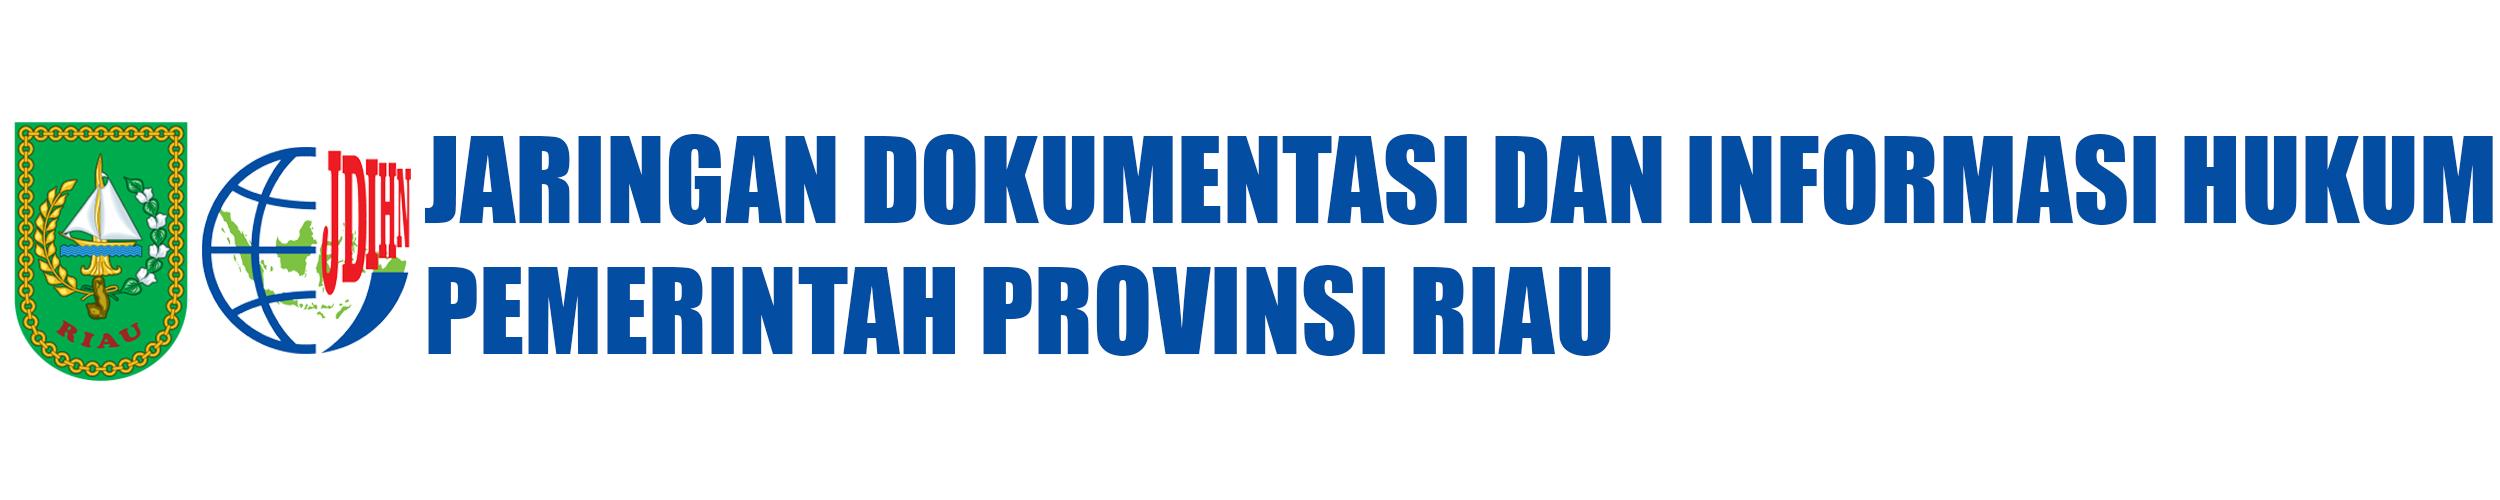 Jaringan Dokumentasi dan Informasi Hukum Pemerintah Provinsi Riau